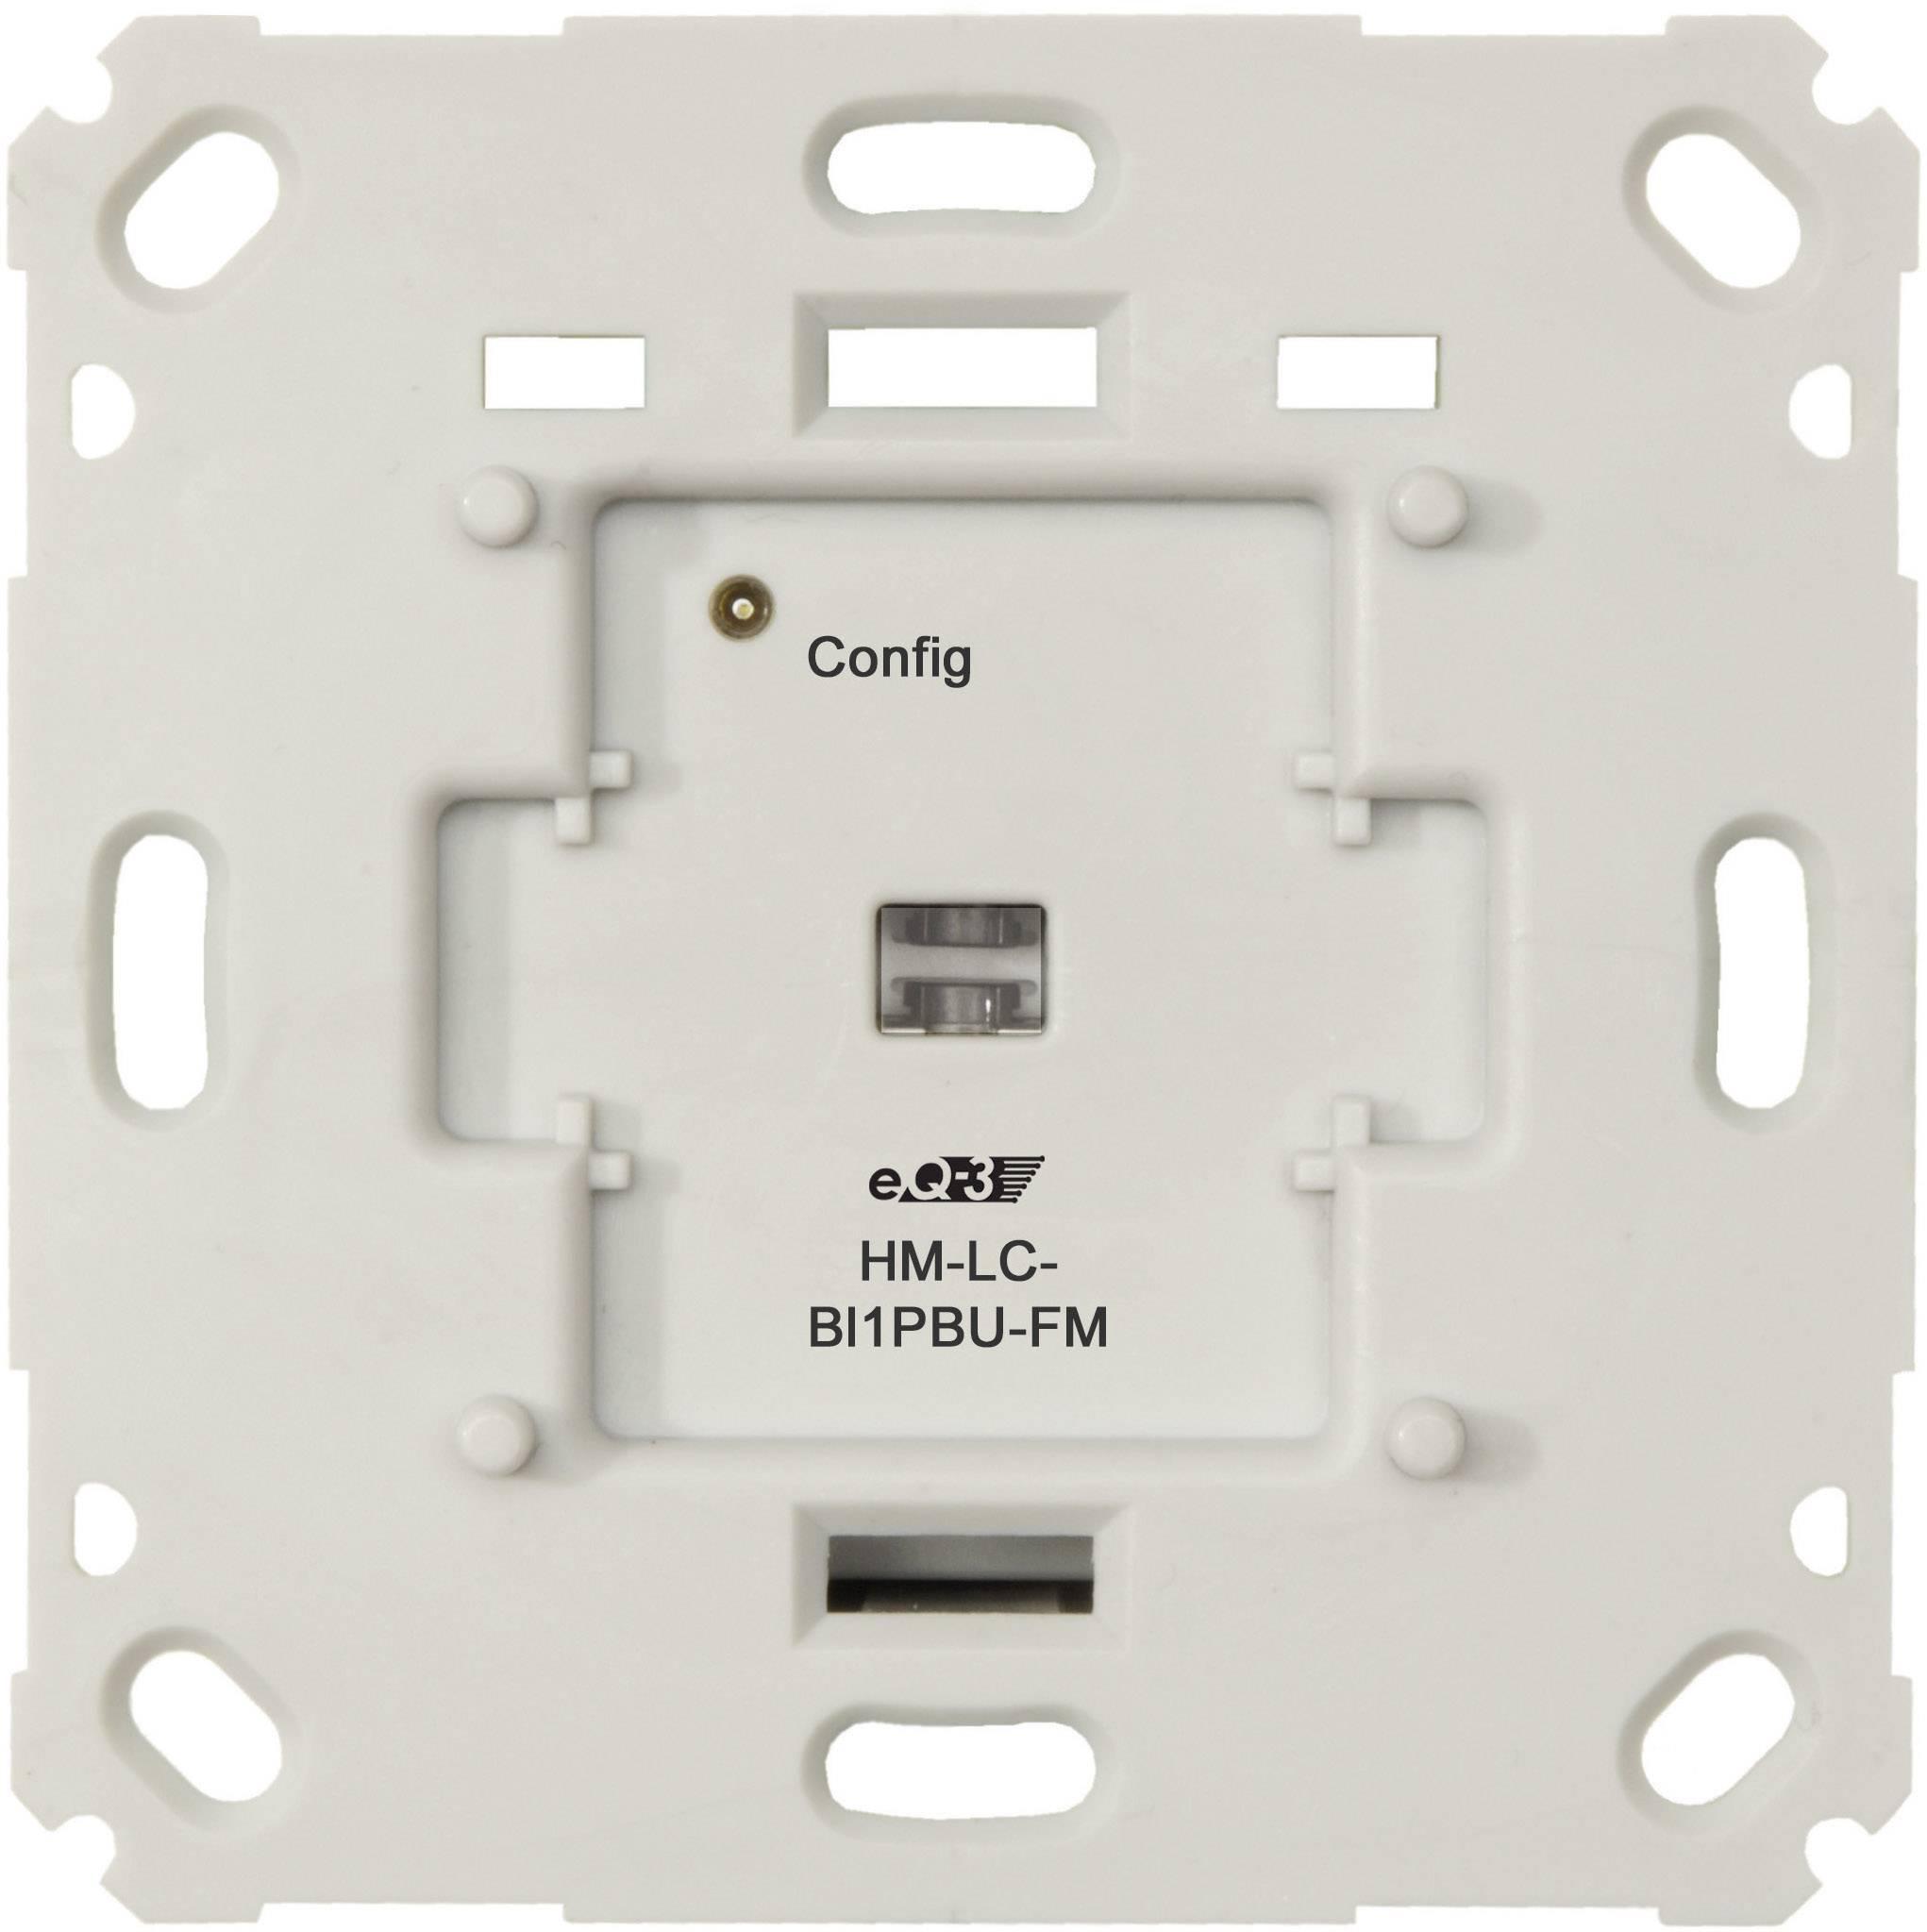 Bezdrôtový spínač pod omietku HomeMatic HM-LC-Sw1PBU-FM 103029 1-kanálový , max. dosah 100 m